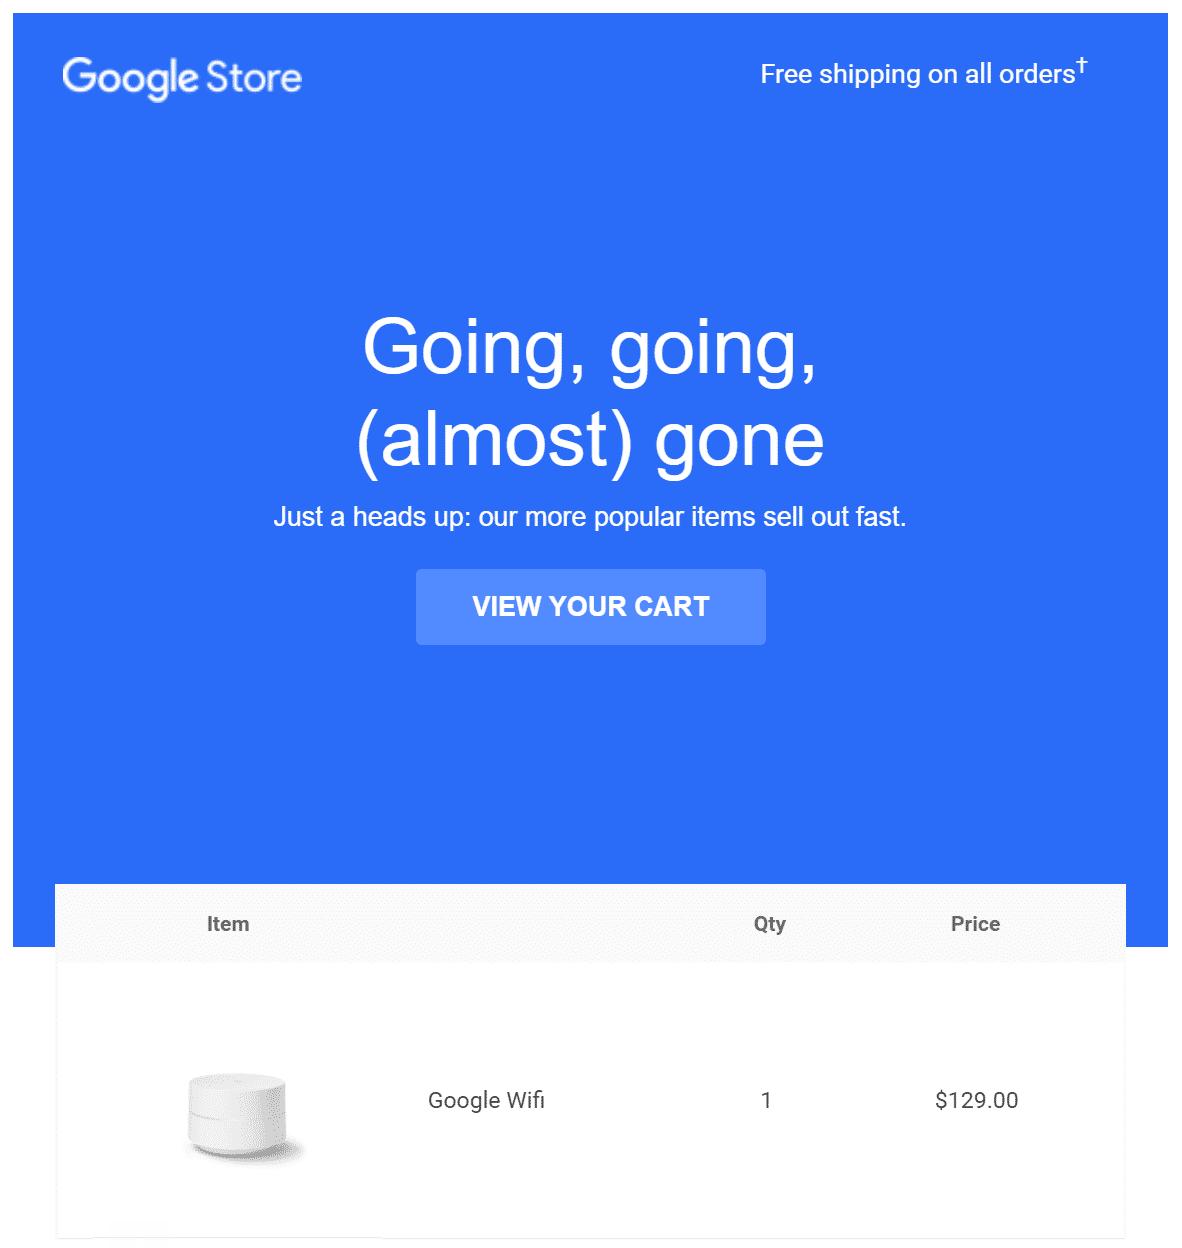 Un esempio di un codice sconto su Google Store